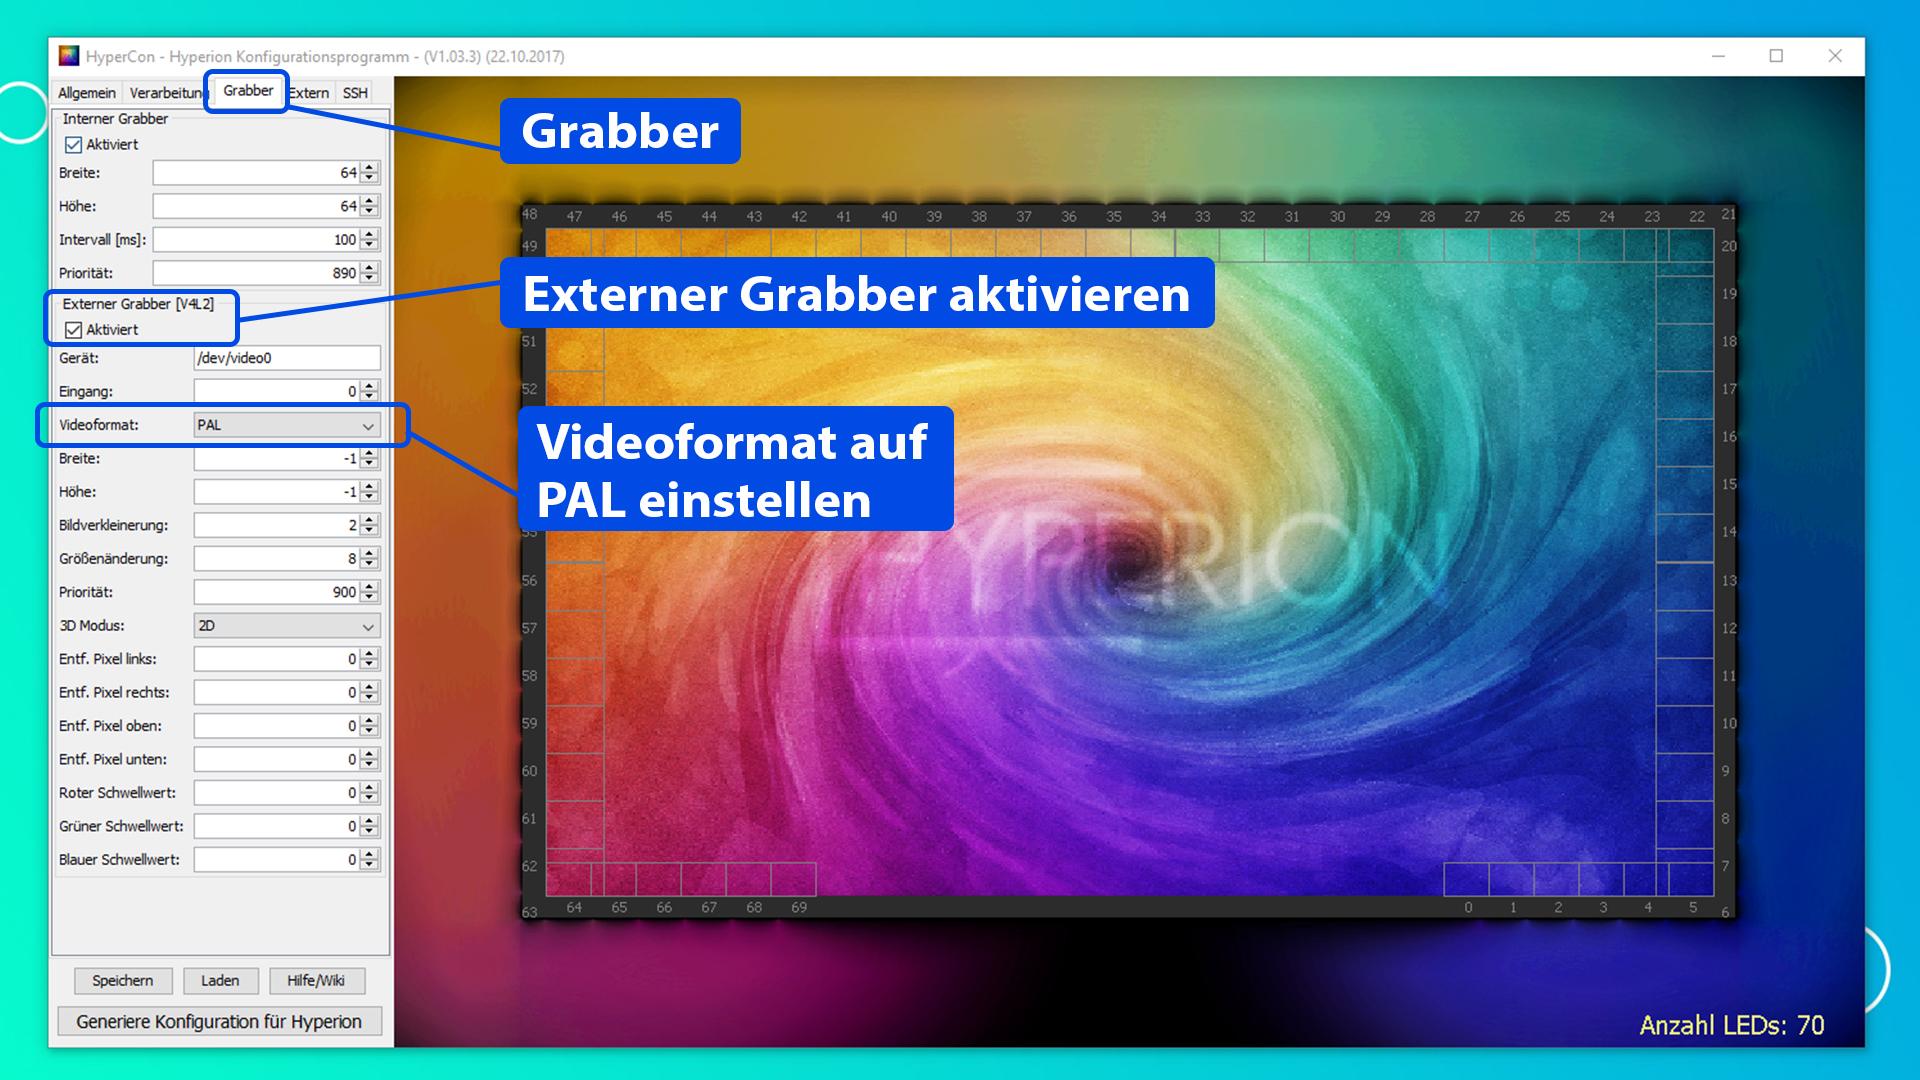 Raspberry Pi Ambilight Projekt - Externen Grabber aktivieren